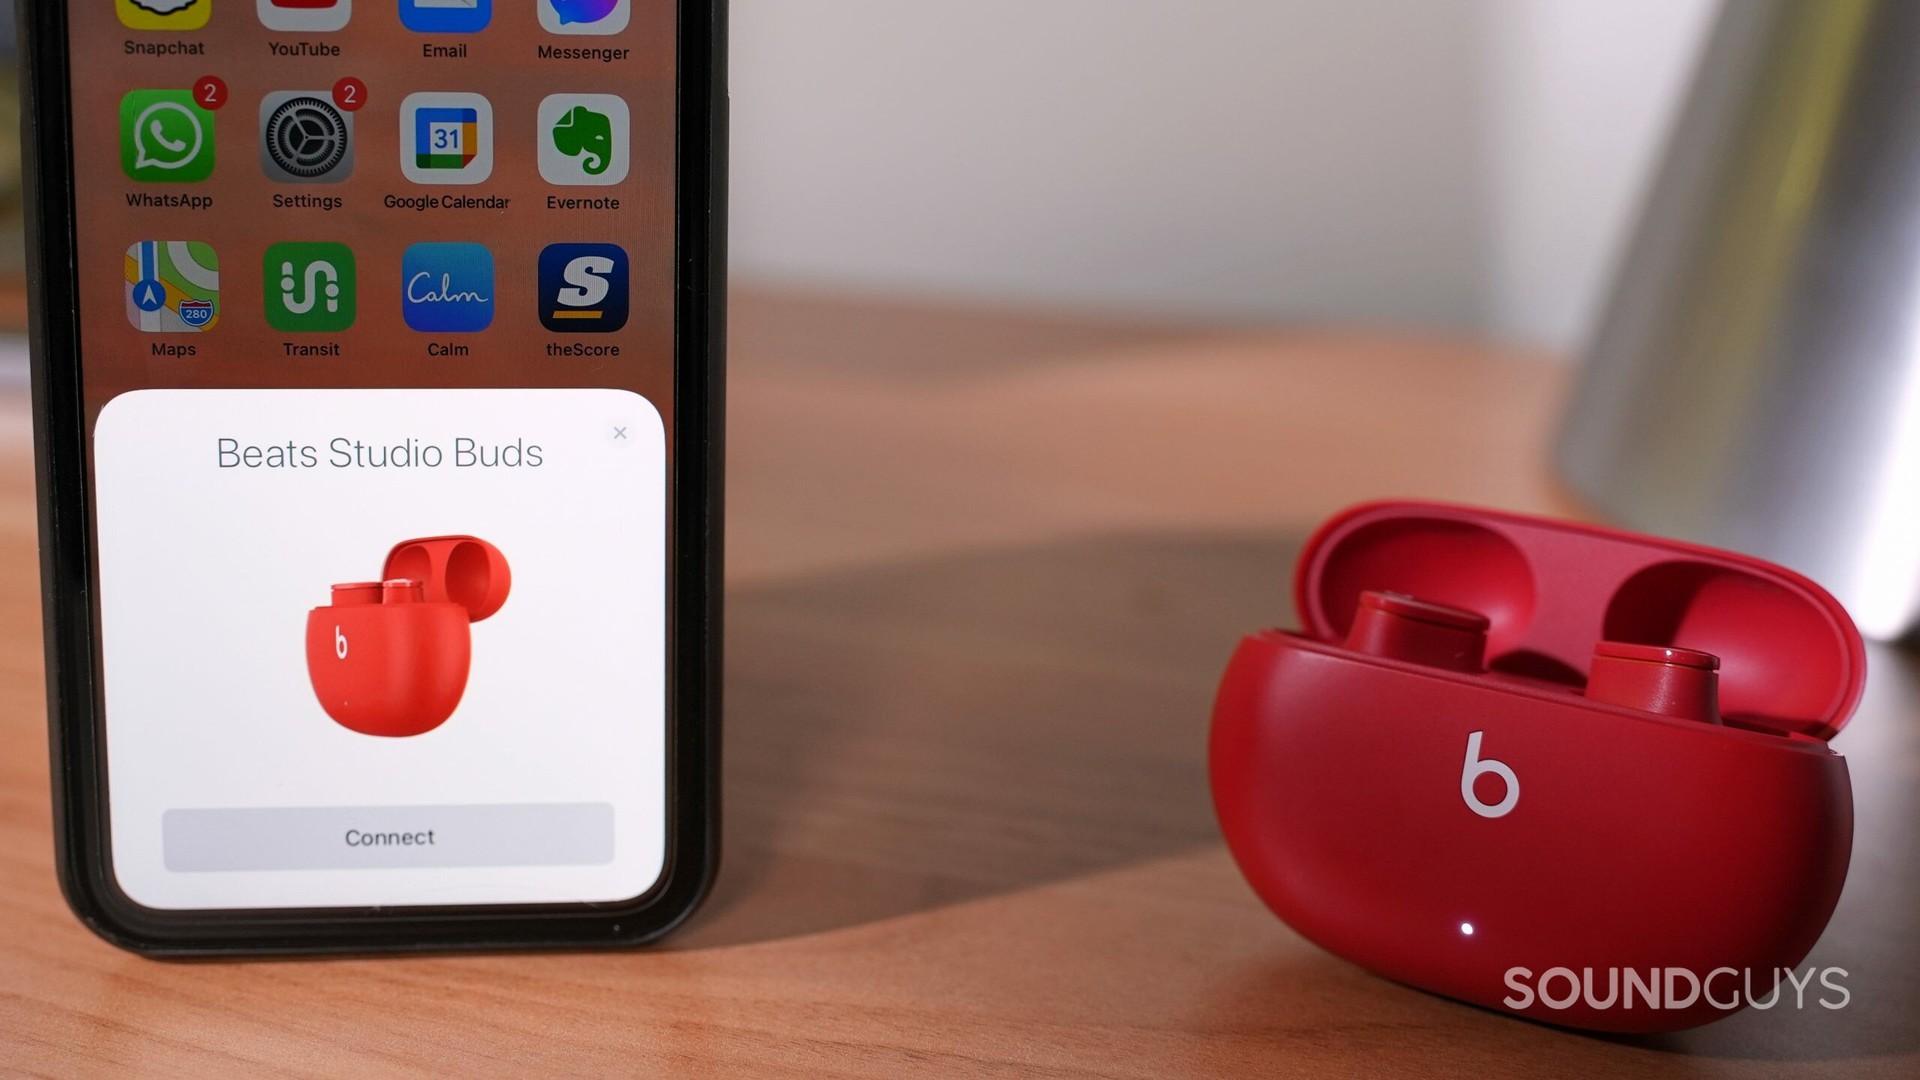 Beats Studio Buds khử tiếng ồn cho tai nghe không dây thực sự ở chế độ ghép nối với iPhone.